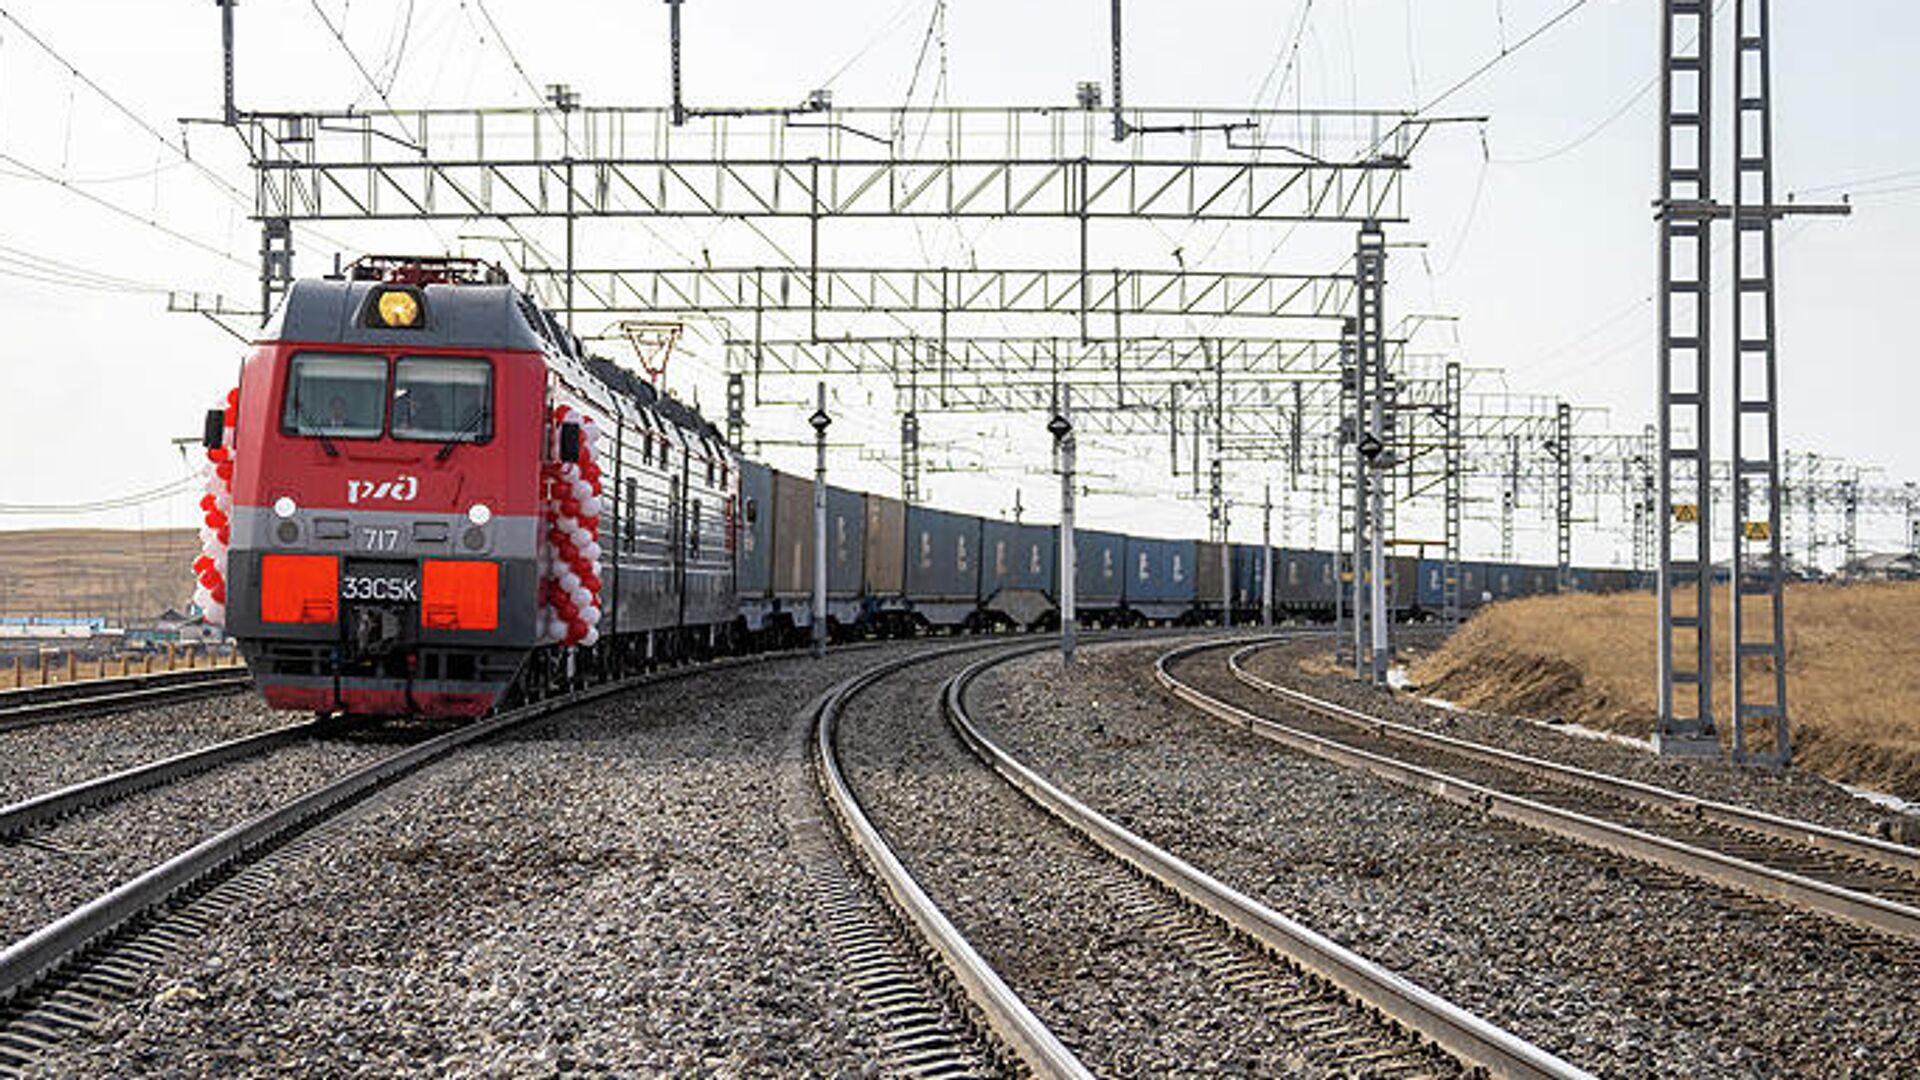 РЖД завершили электрификацию последнего участка железной дороги до границы с Китаем - РИА Новости, 1920, 26.07.2021